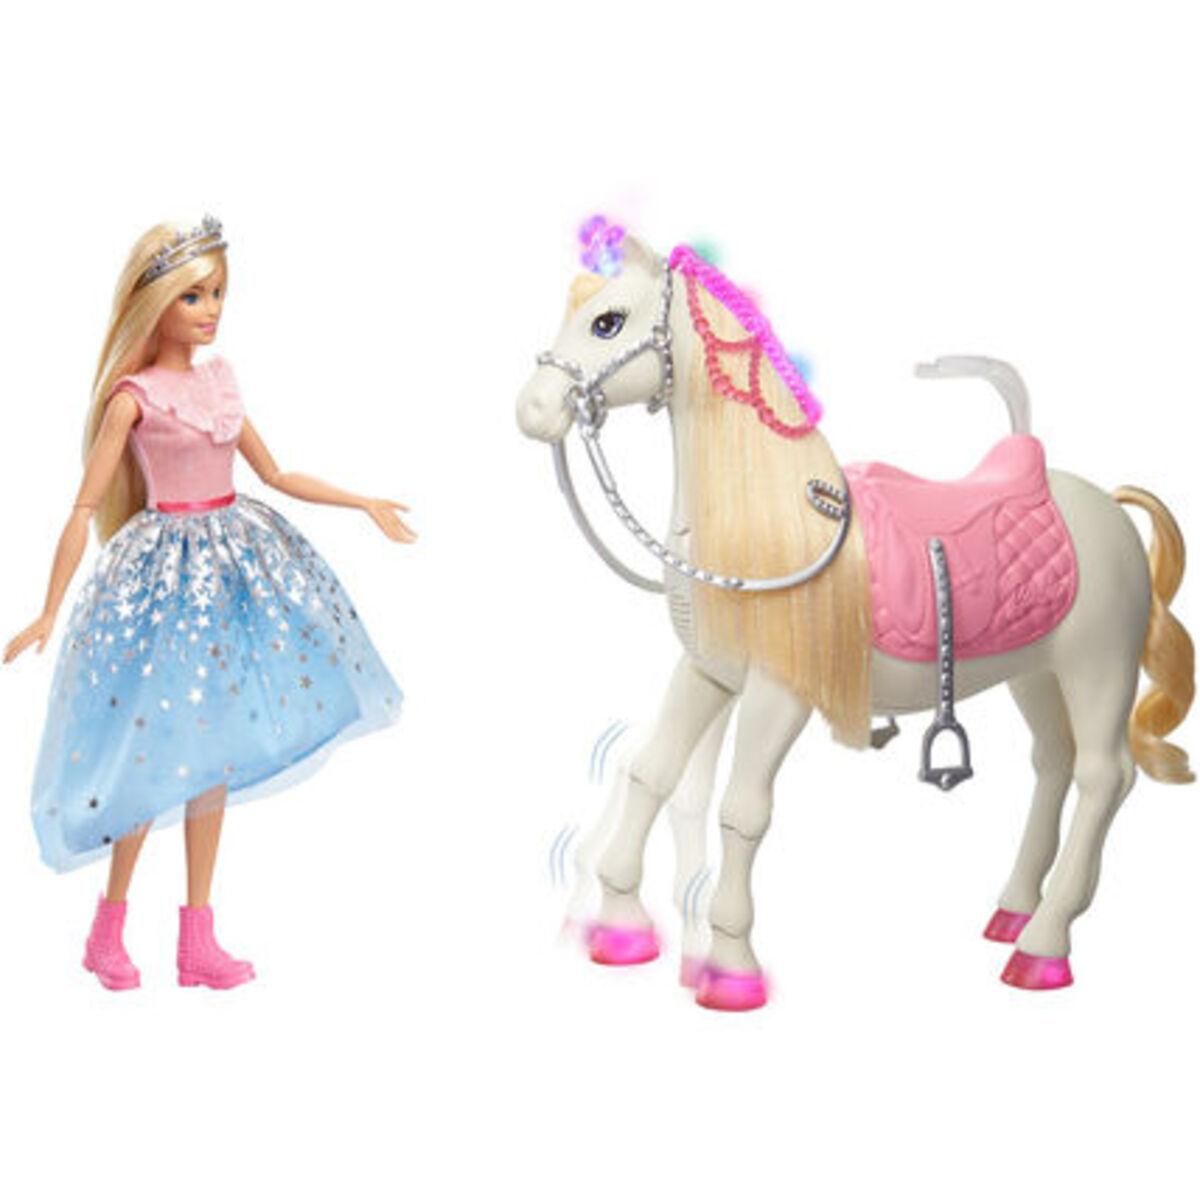 """Bild 3 von Barbie """"Prinzessinnen Abenteuer"""" Tanzendes Pferd und Puppe (blond)"""